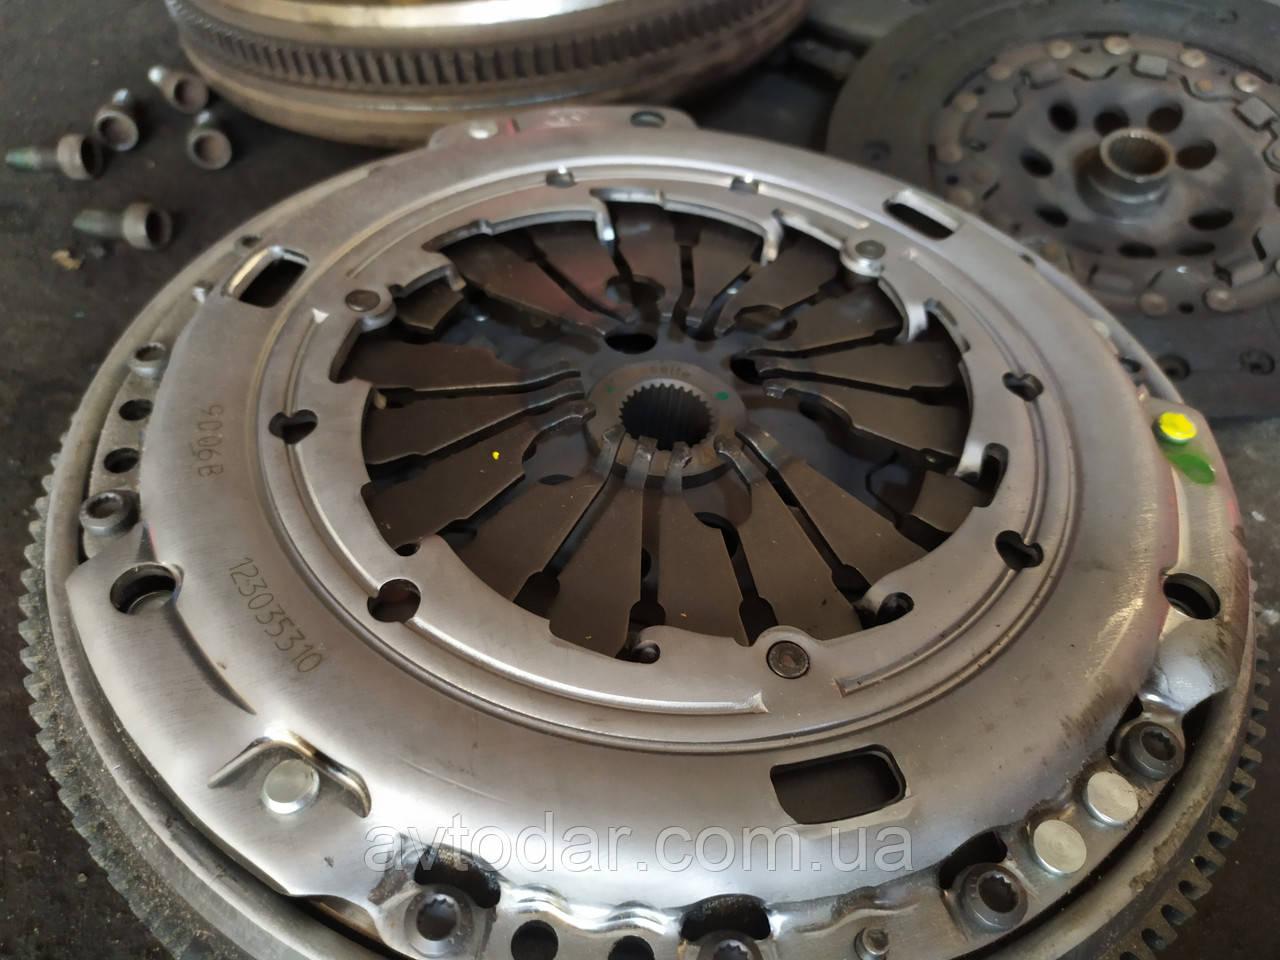 Заміна зчеплення Volkswagen Caddy ремонт коробки передач